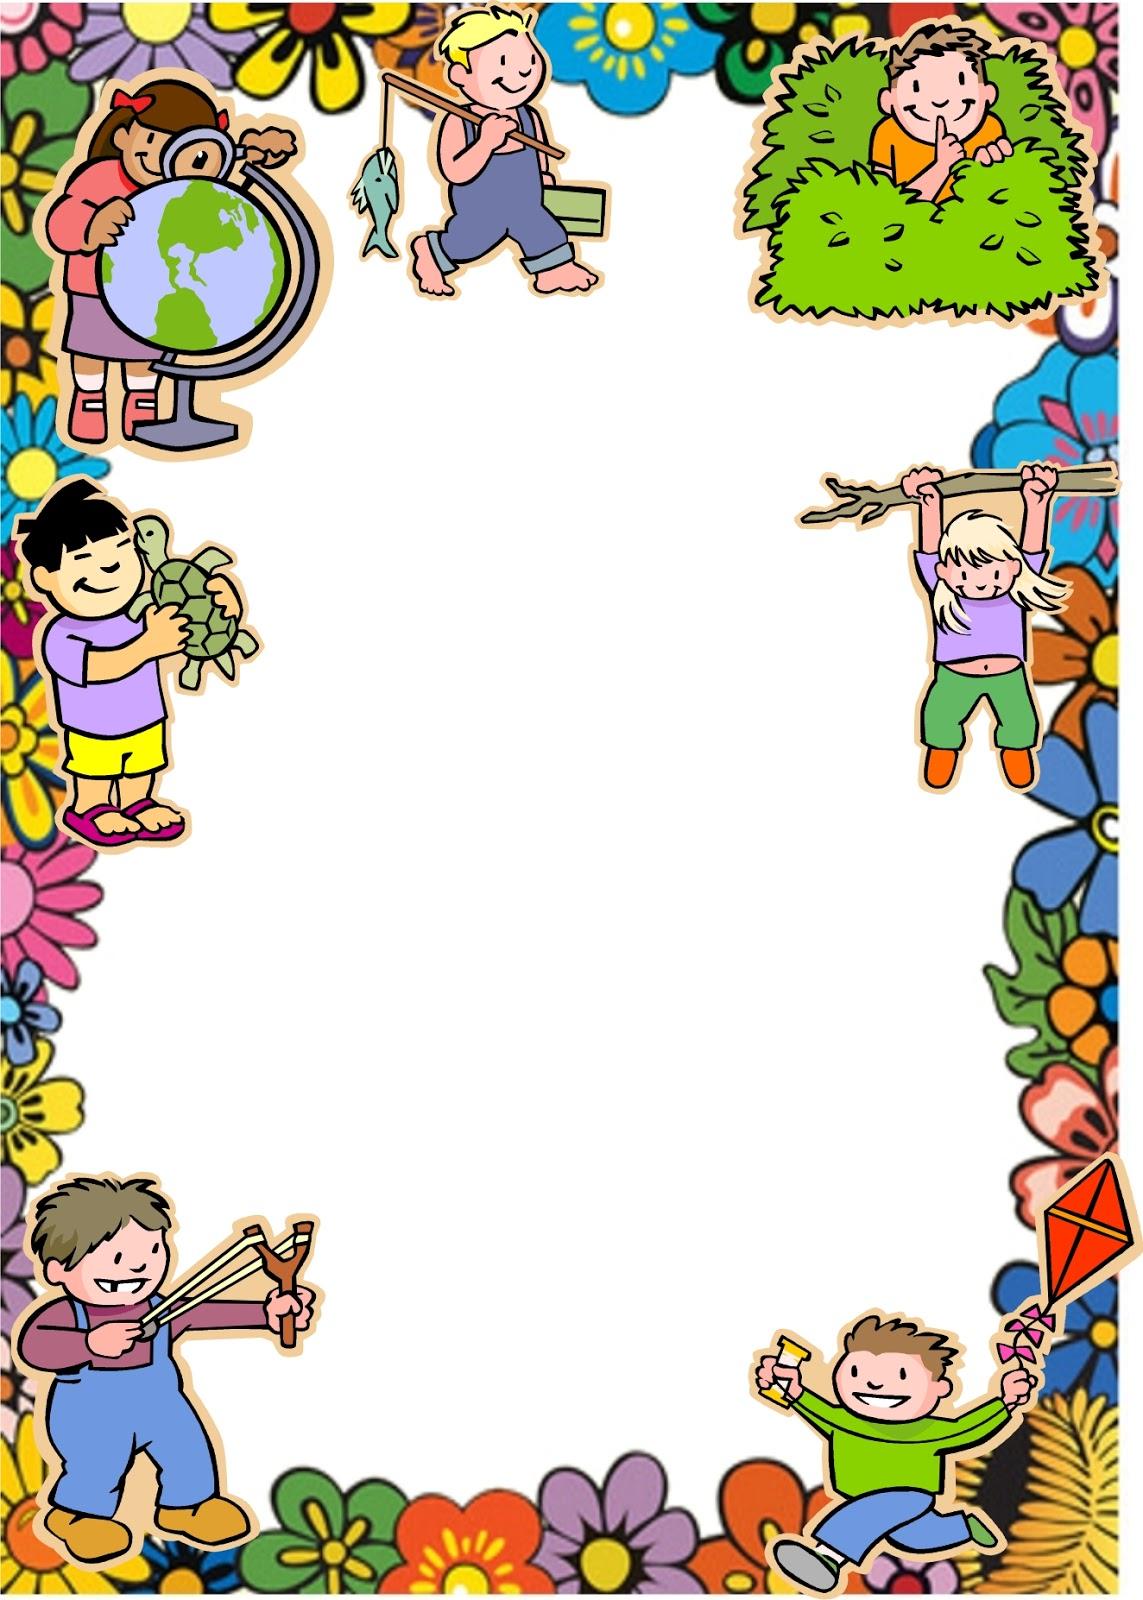 Caratulas Escolares Infantiles Para Imprimir Los Pictures